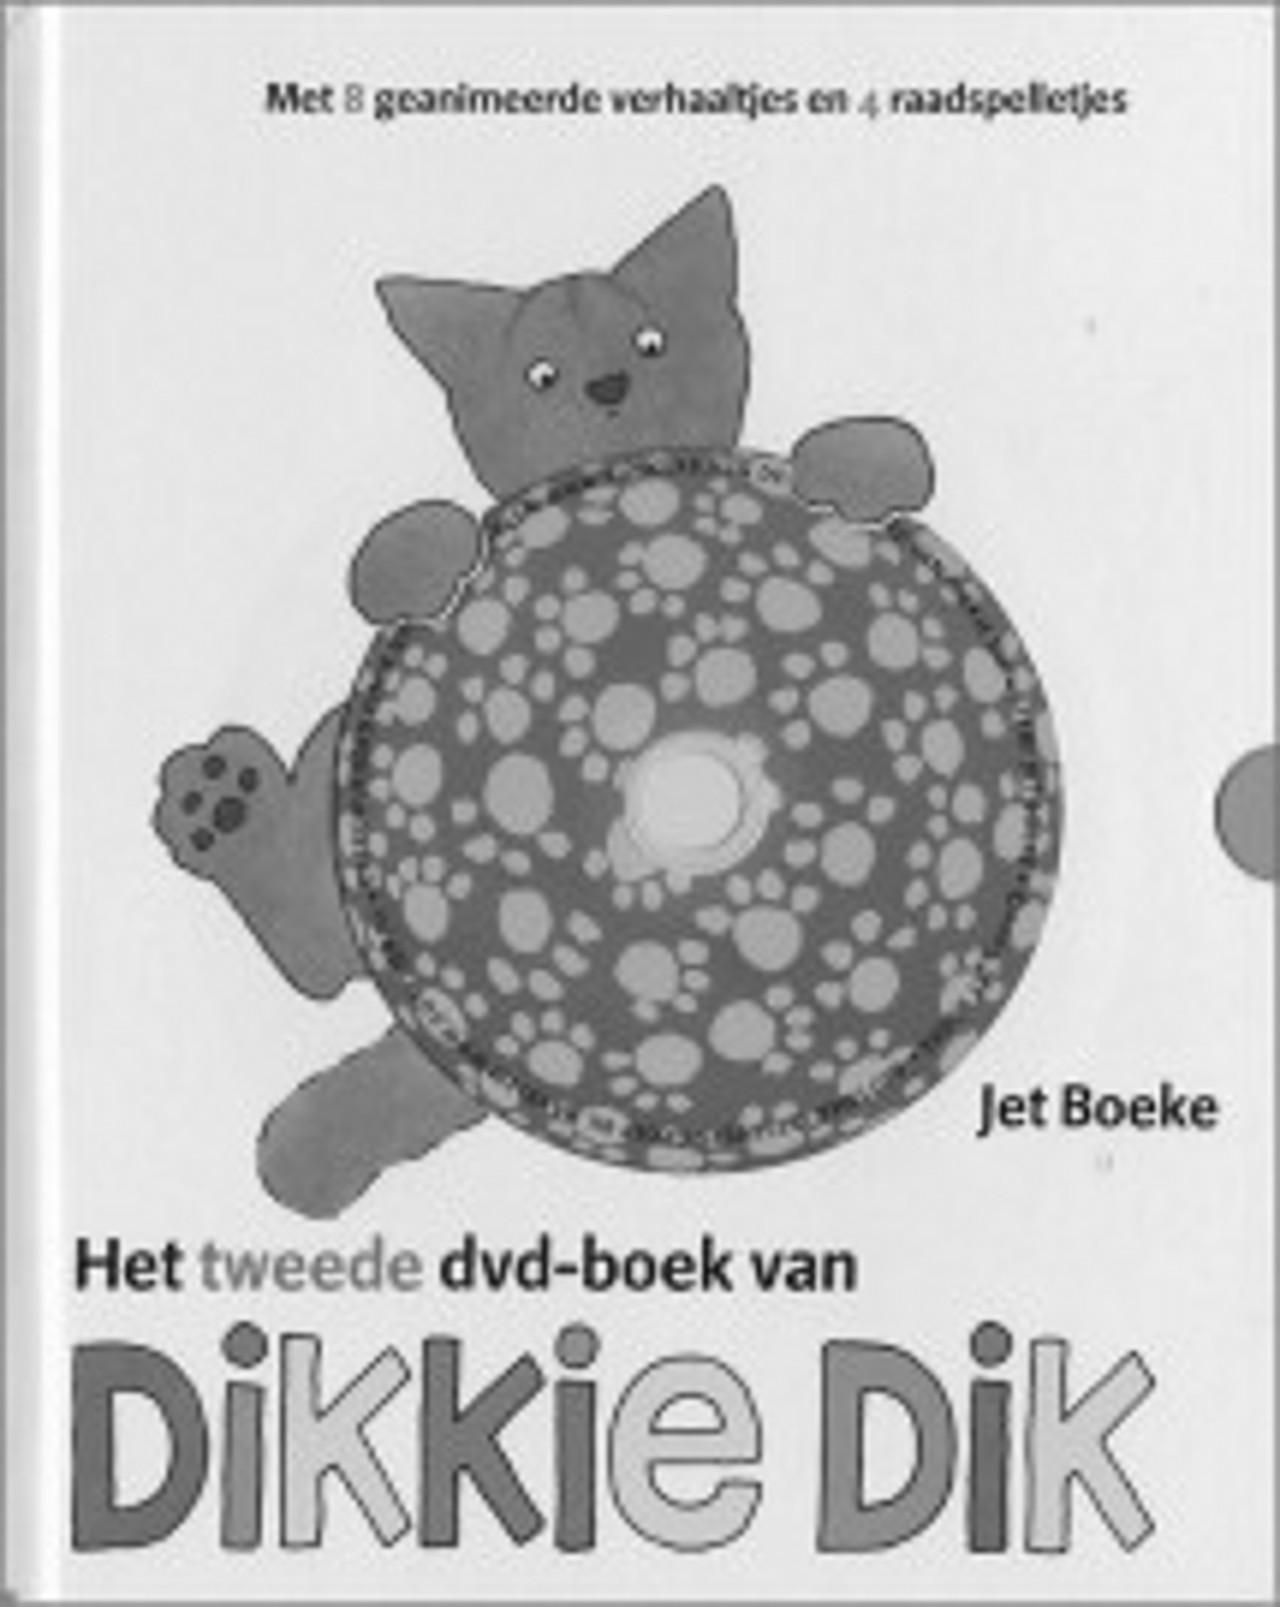 tweede dvd-boek van dikkie dik van jet boeke